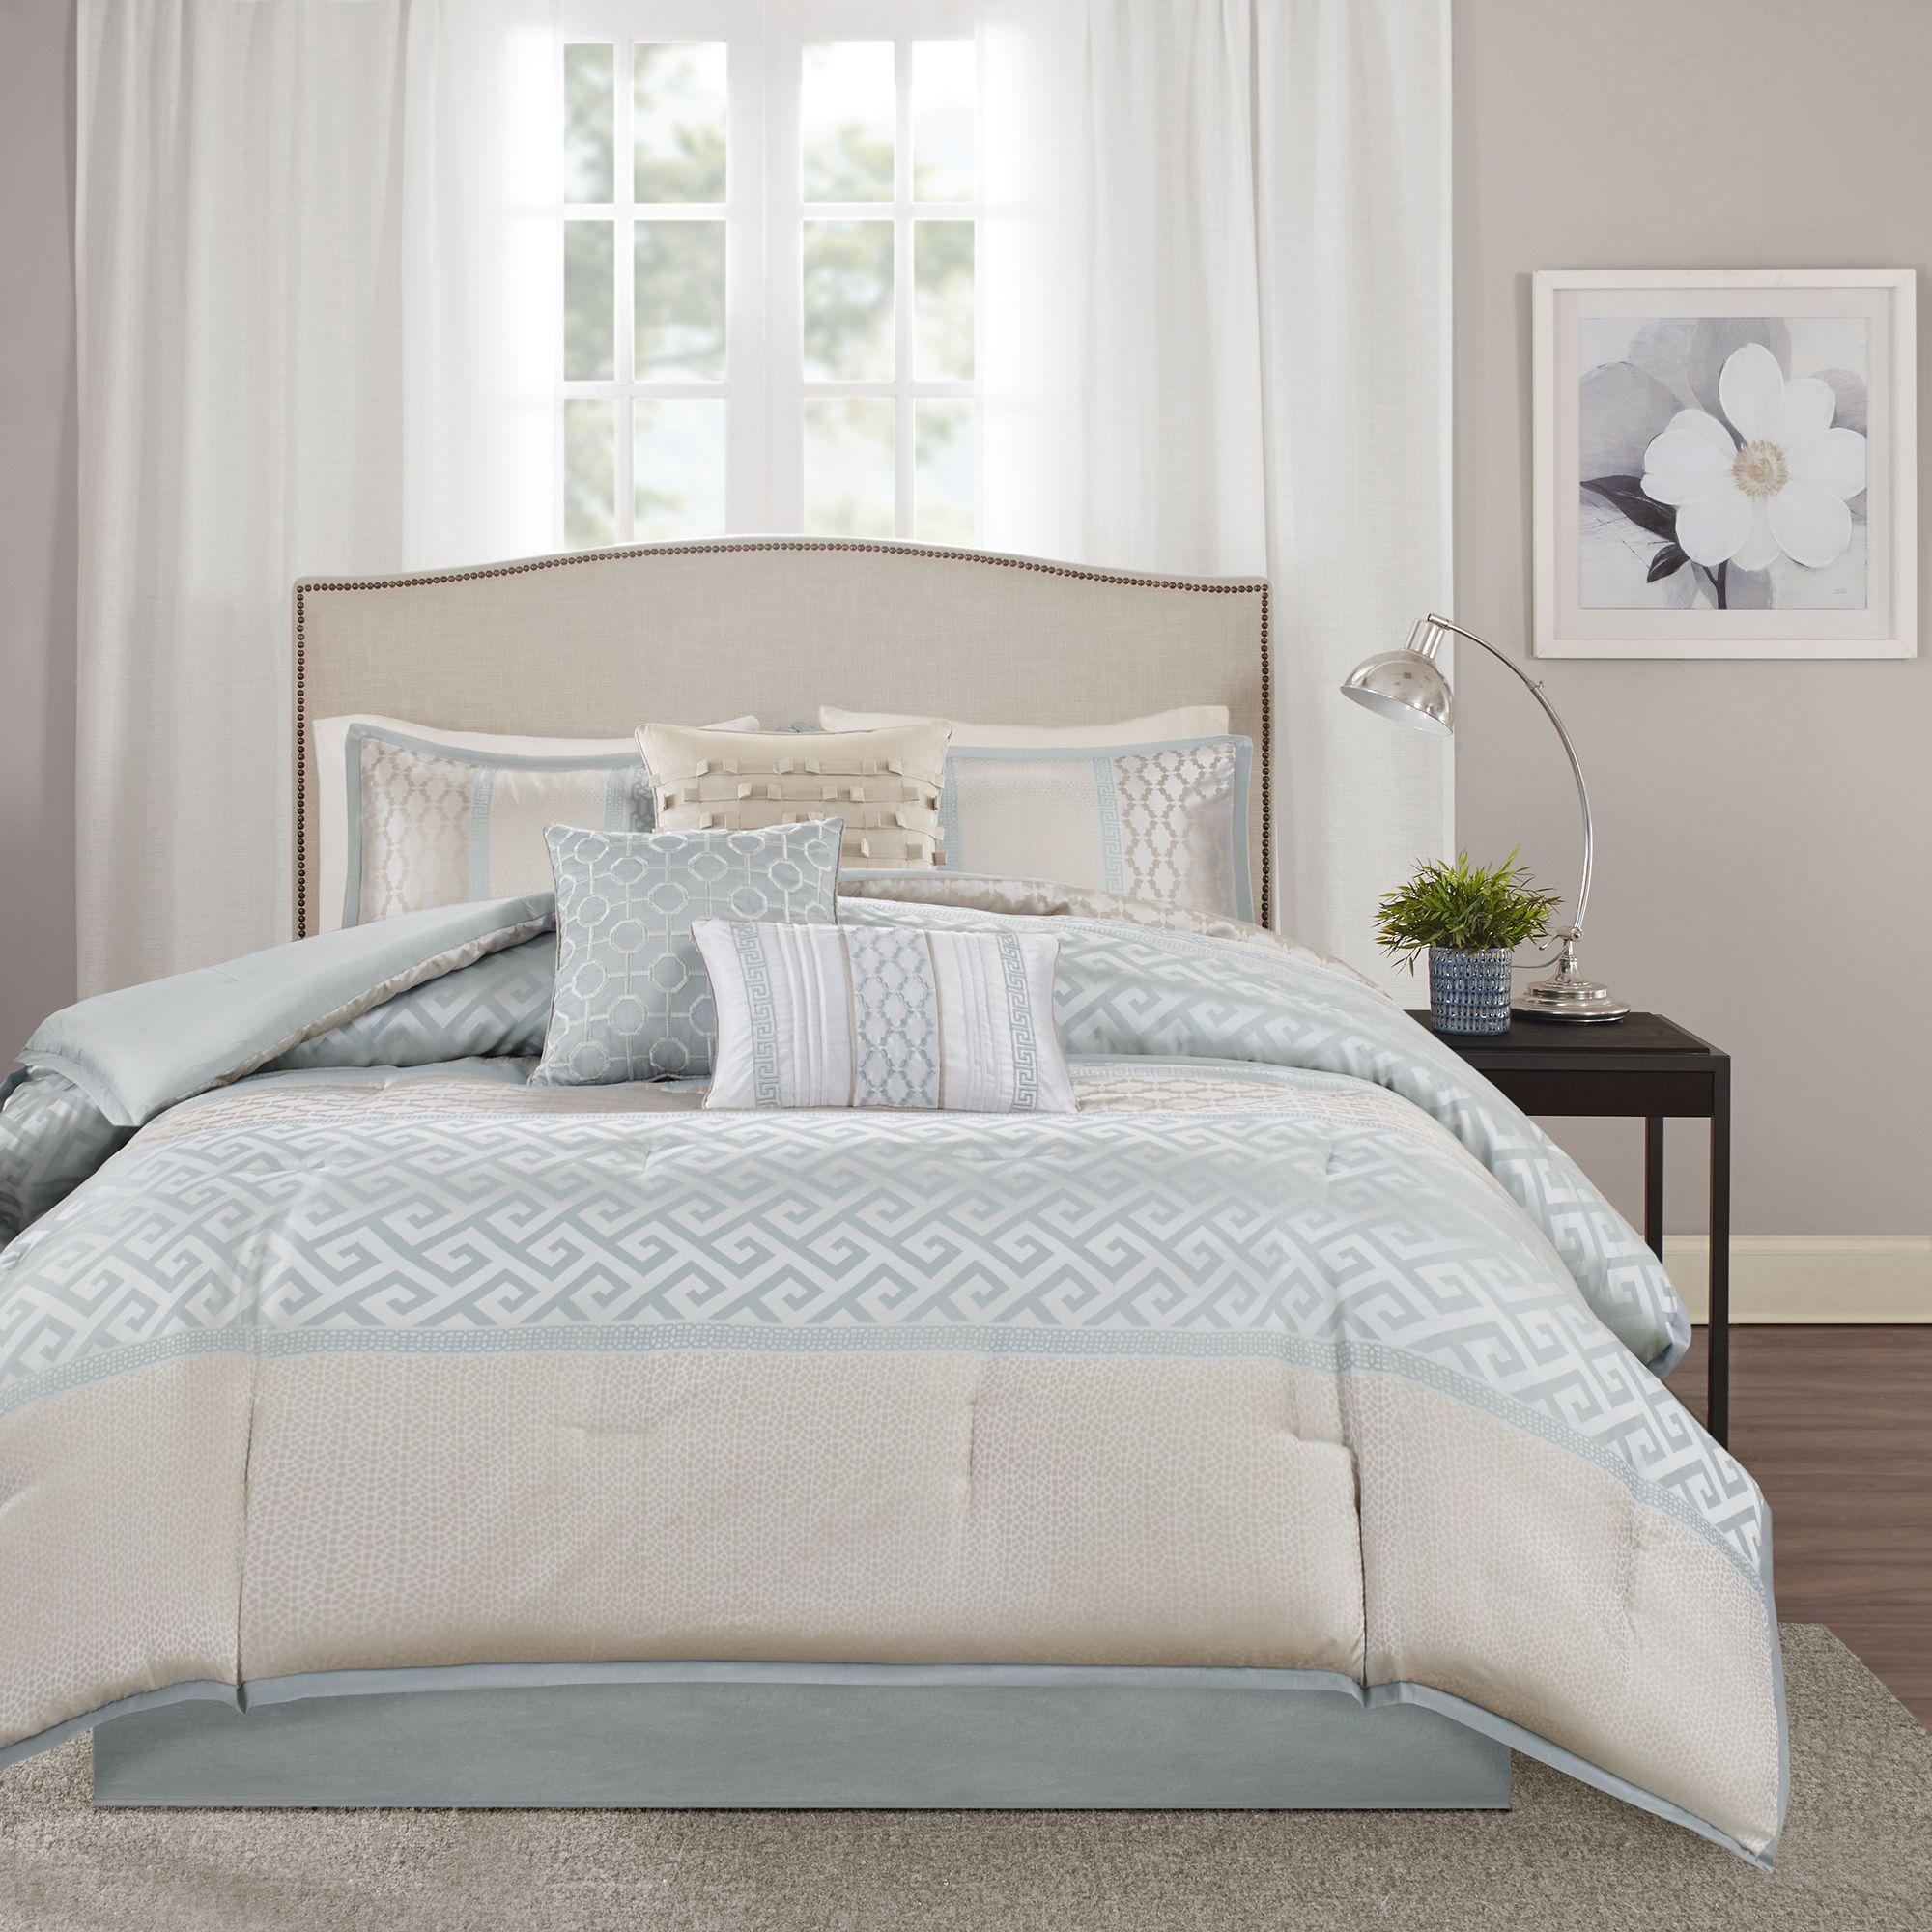 Madison Park Chandler 7 Piece Comforter Set (Quen Aqua), Green